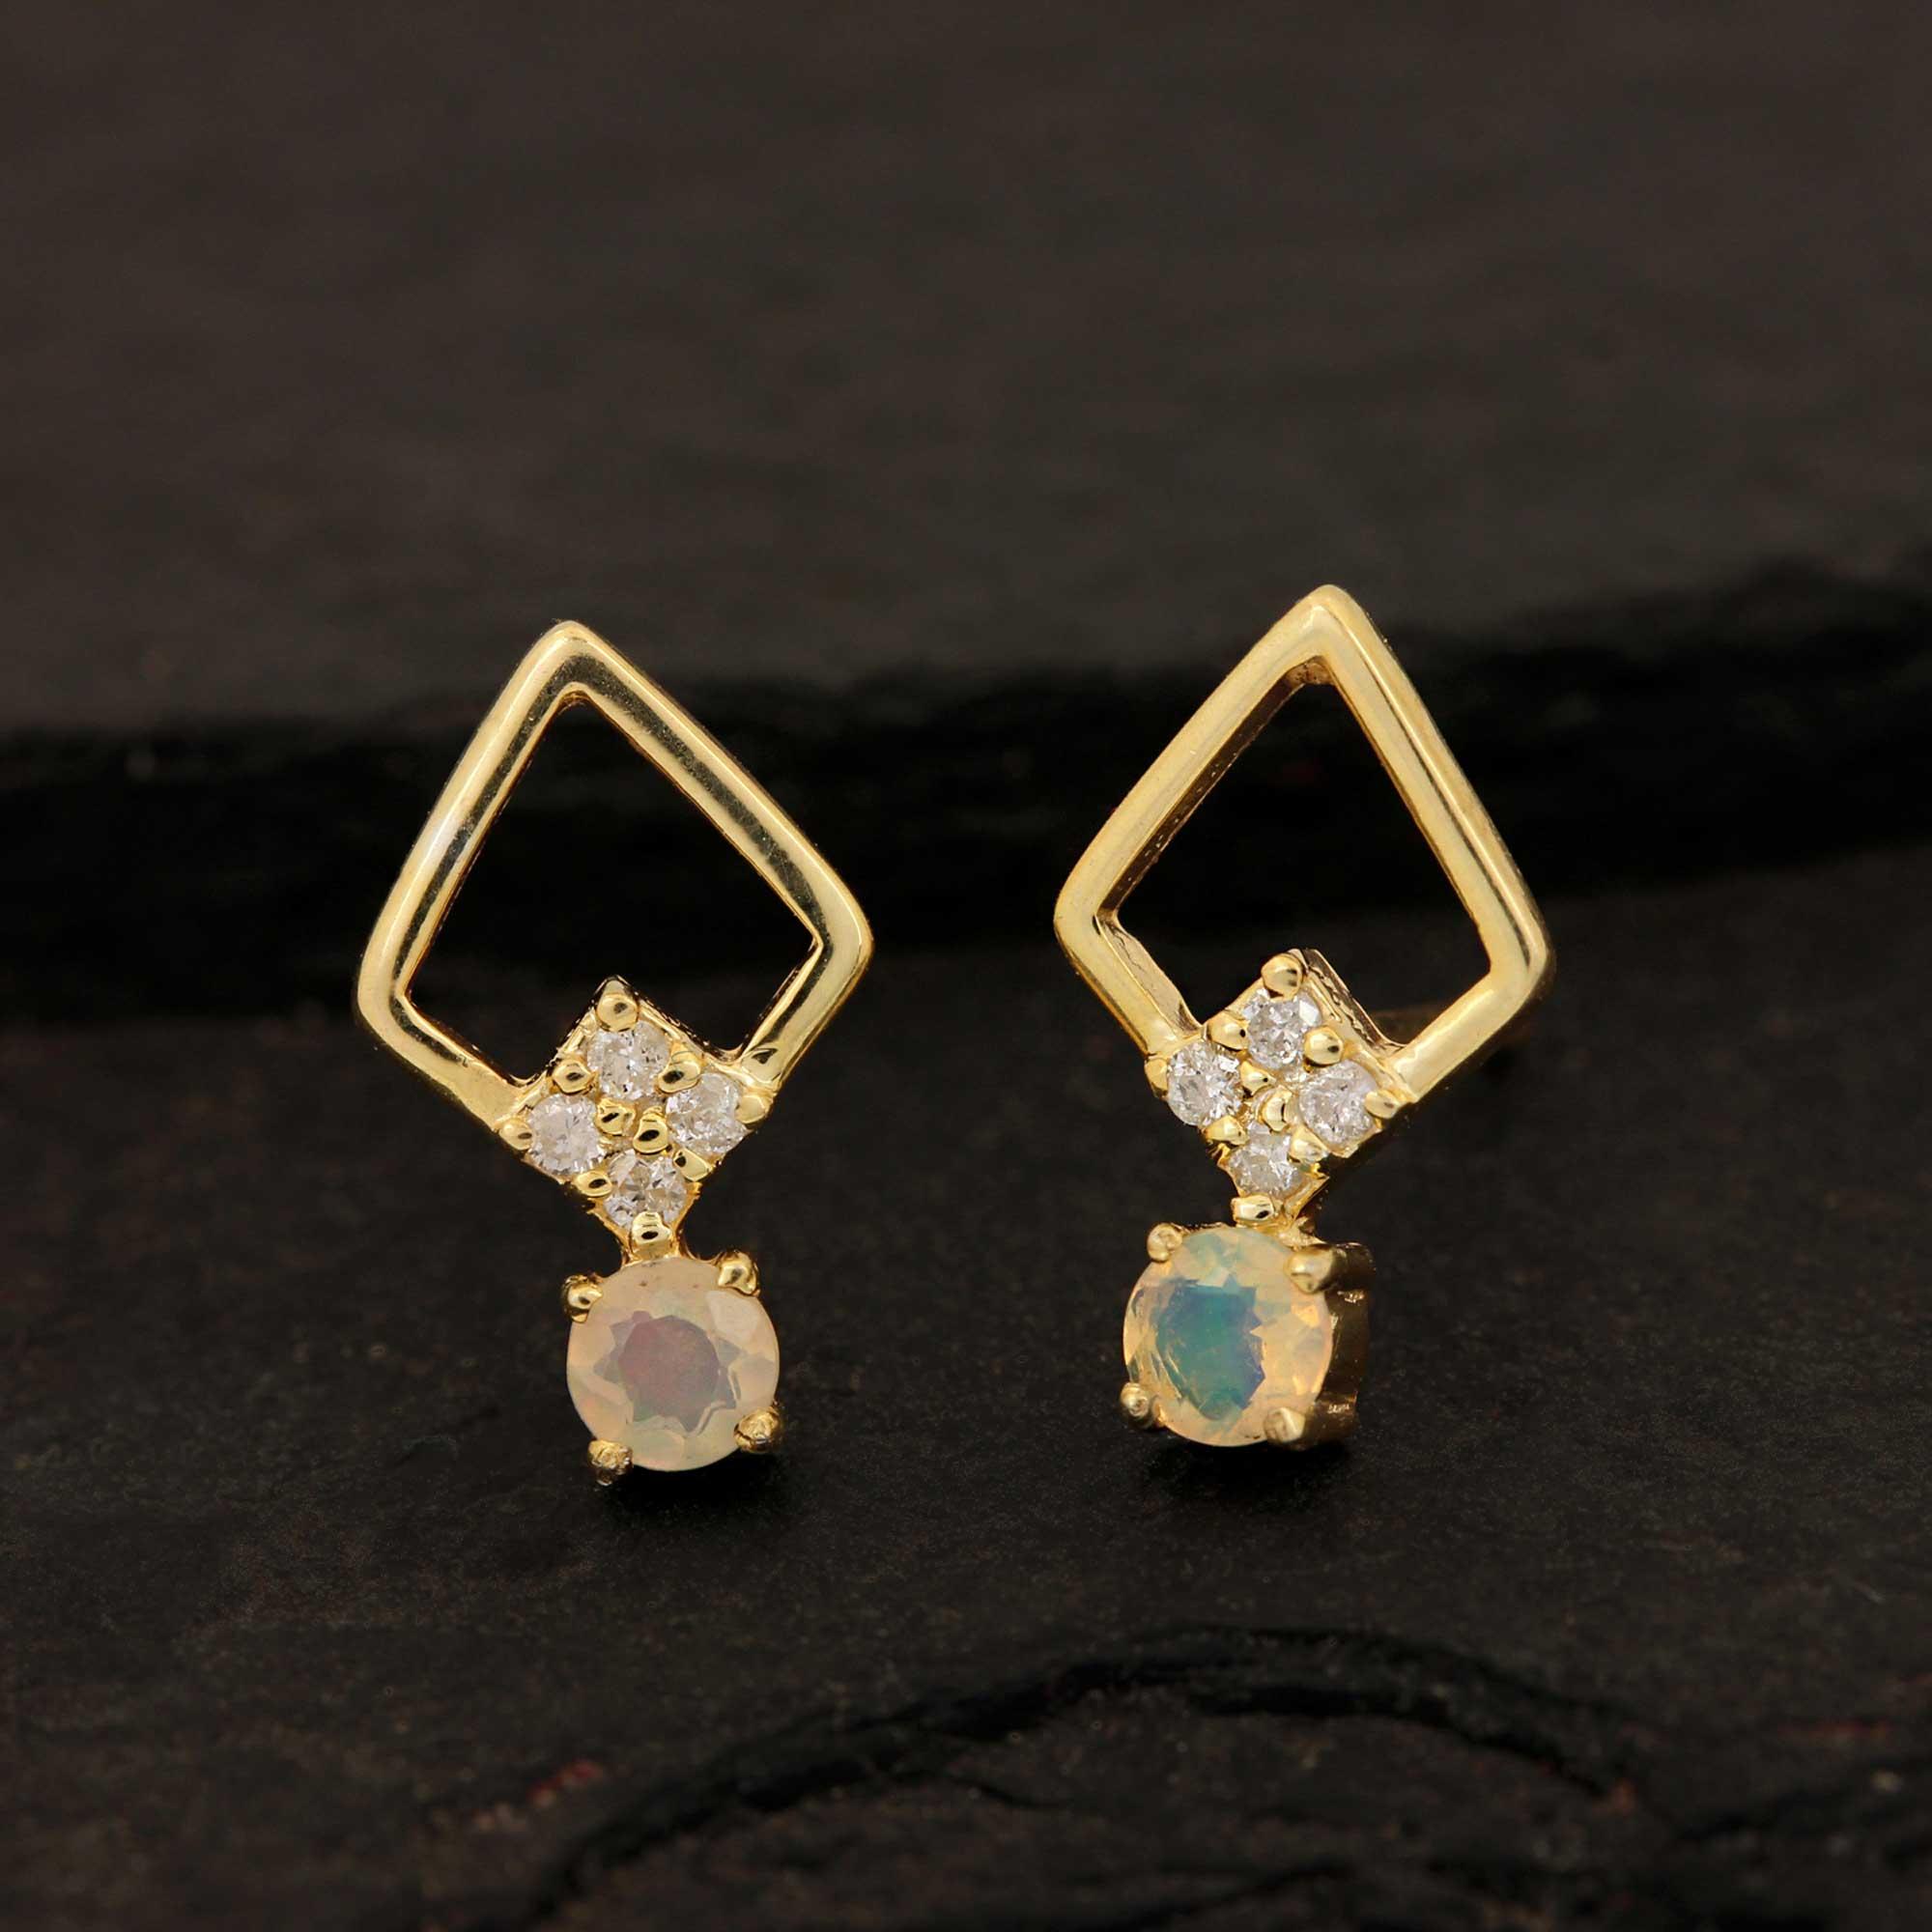 14k Solid Gold Diamond Opal Minimalist Stud Earrings